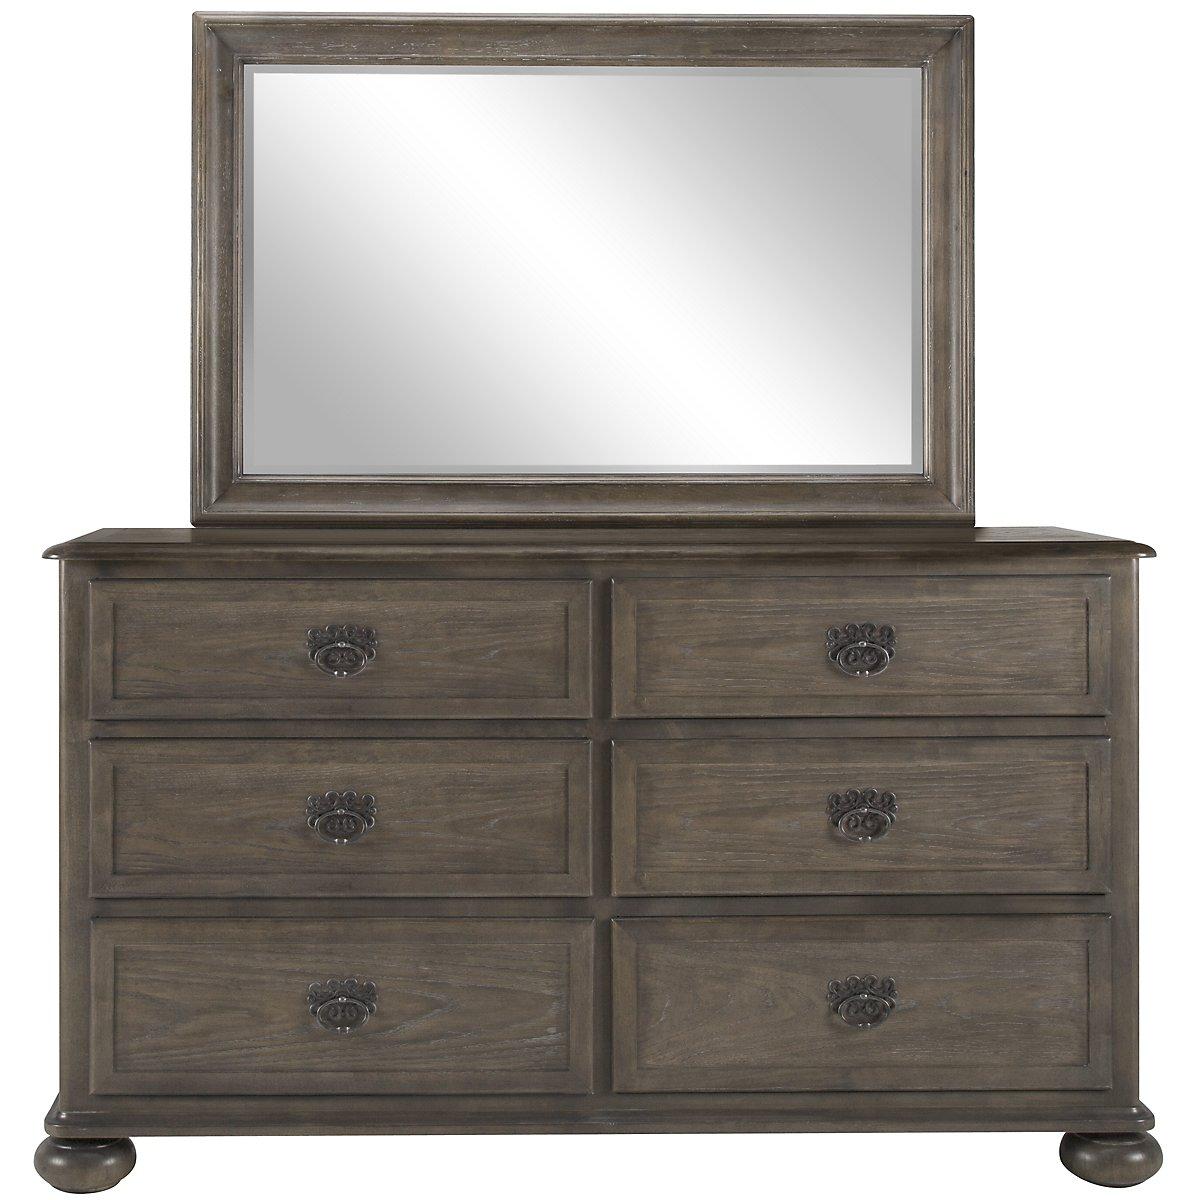 Belgian Oak Light Tone Wood Dresser & Mirror